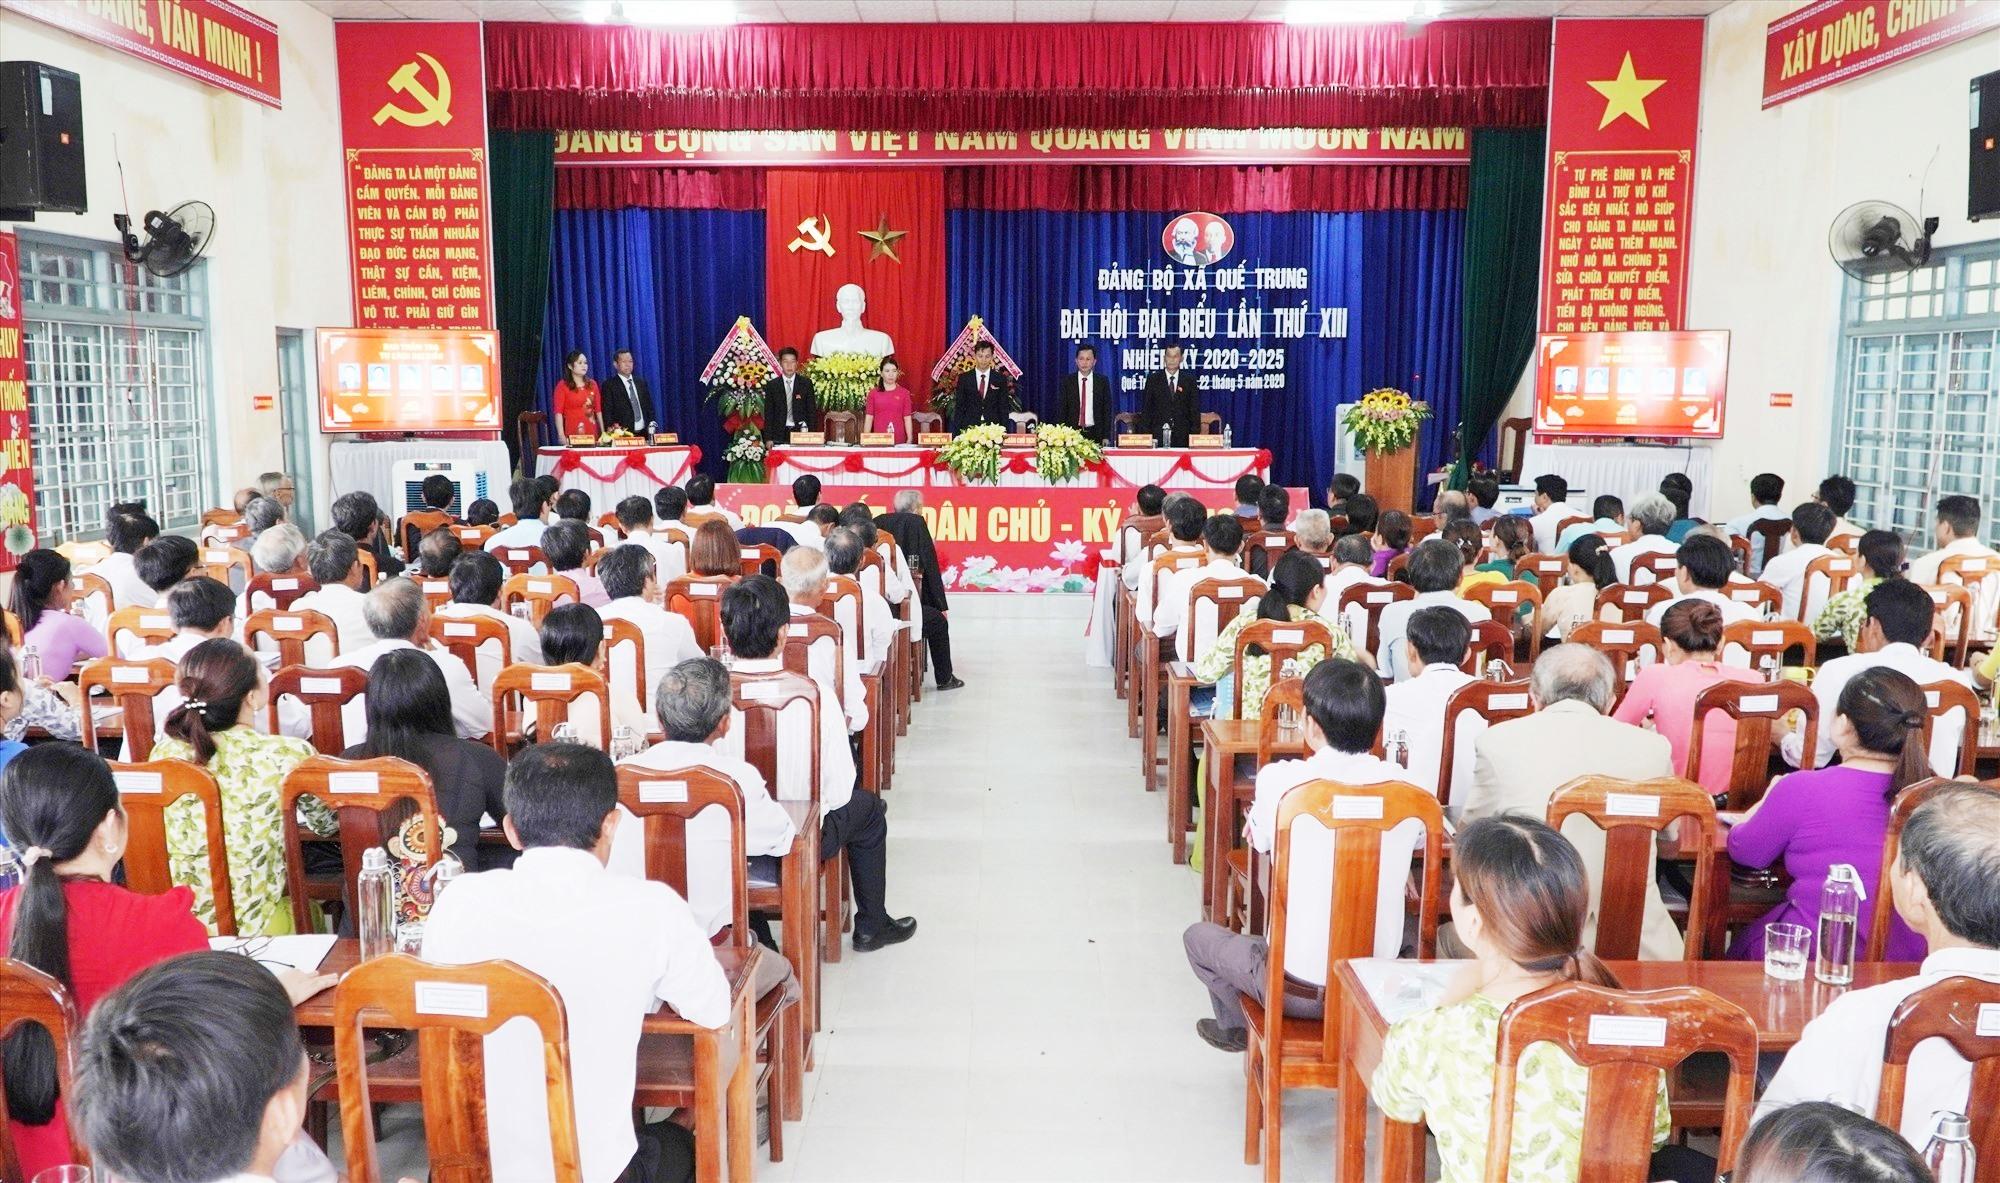 Quang cảnh Đại hội Đảng bộ xã Quế Trung lần thứ XIII, nhiệm kỳ 2020 - 2025. Ảnh: PHAN VINH